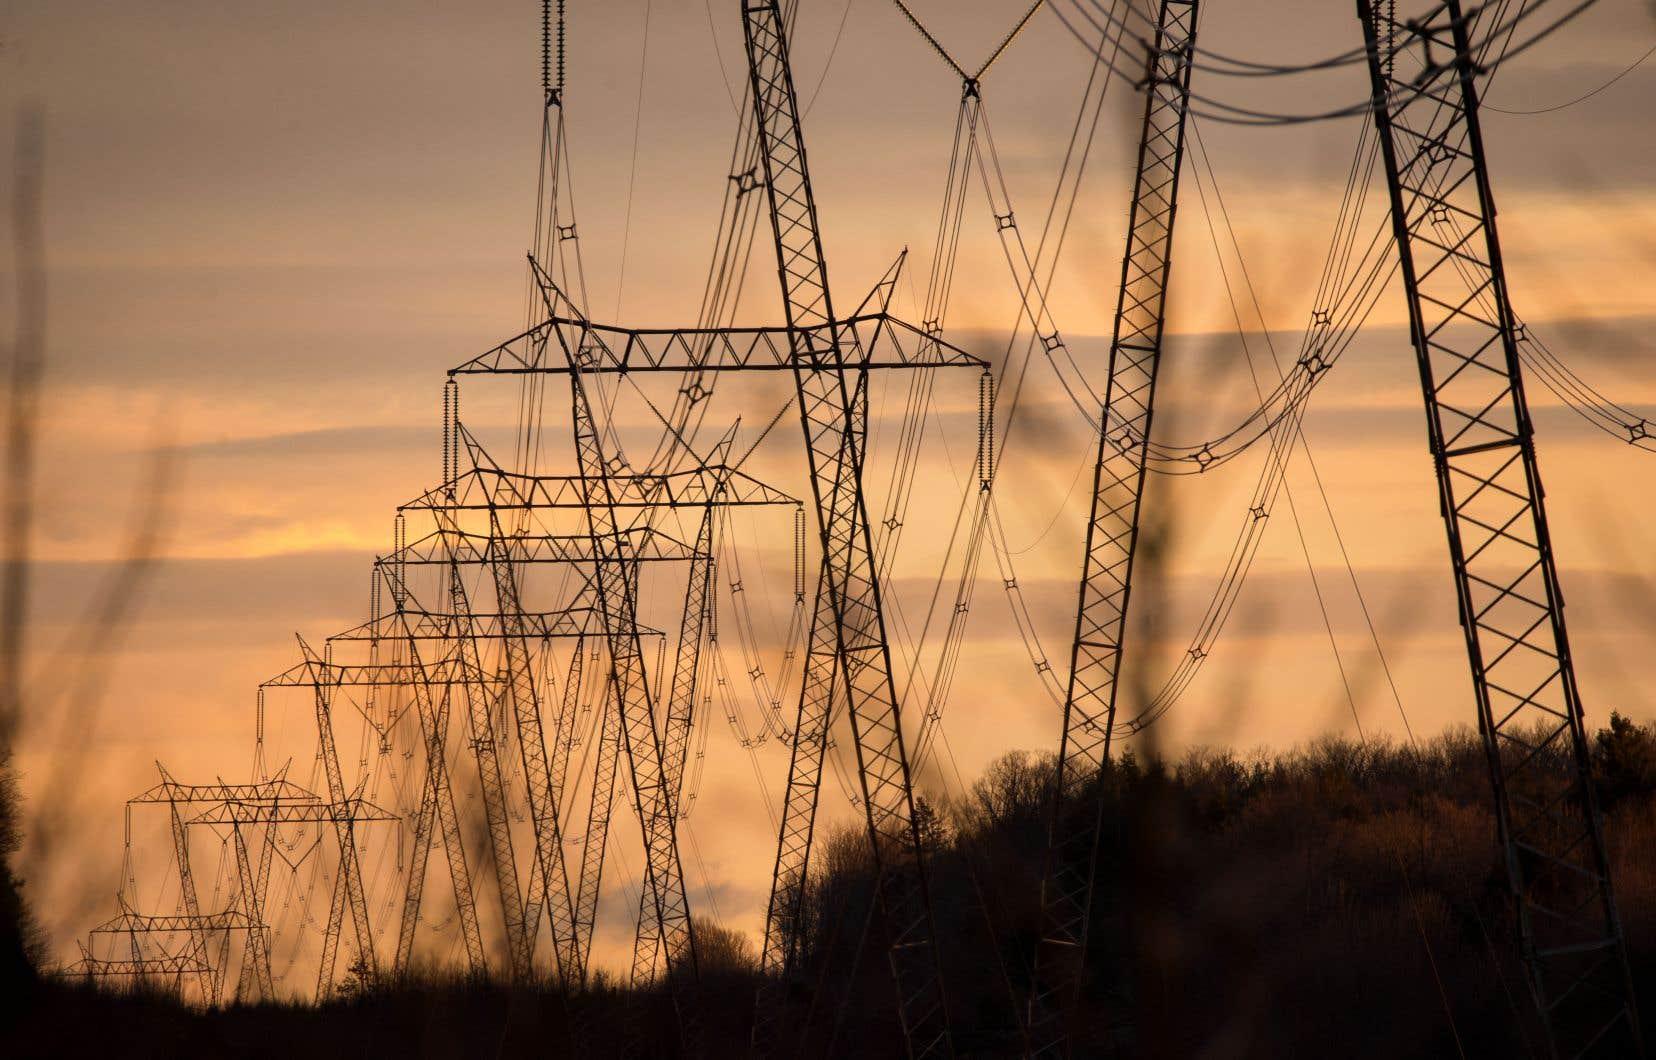 Au moins 8,5millions de dollars canadiens ont déjà été injectés en 2020 par le comité Hydro-Québec Maine Partnership, mis sur pied par la société d'État, selon La Presse canadienne.